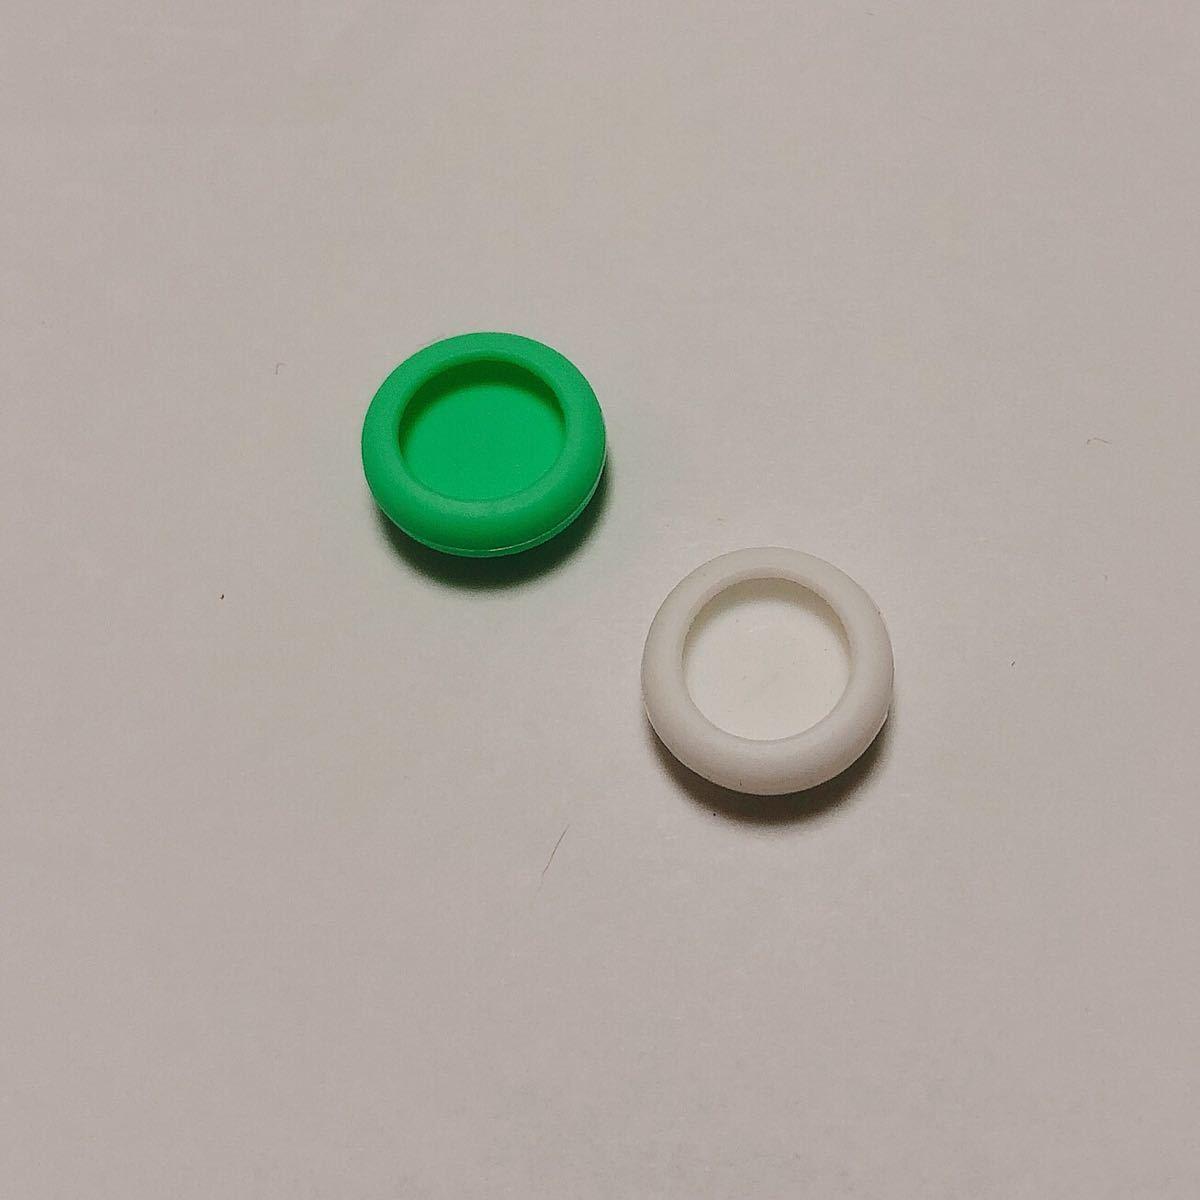 グリーン ホワイト スイッチ 肉球 可愛い ジョイコン スティック カバー